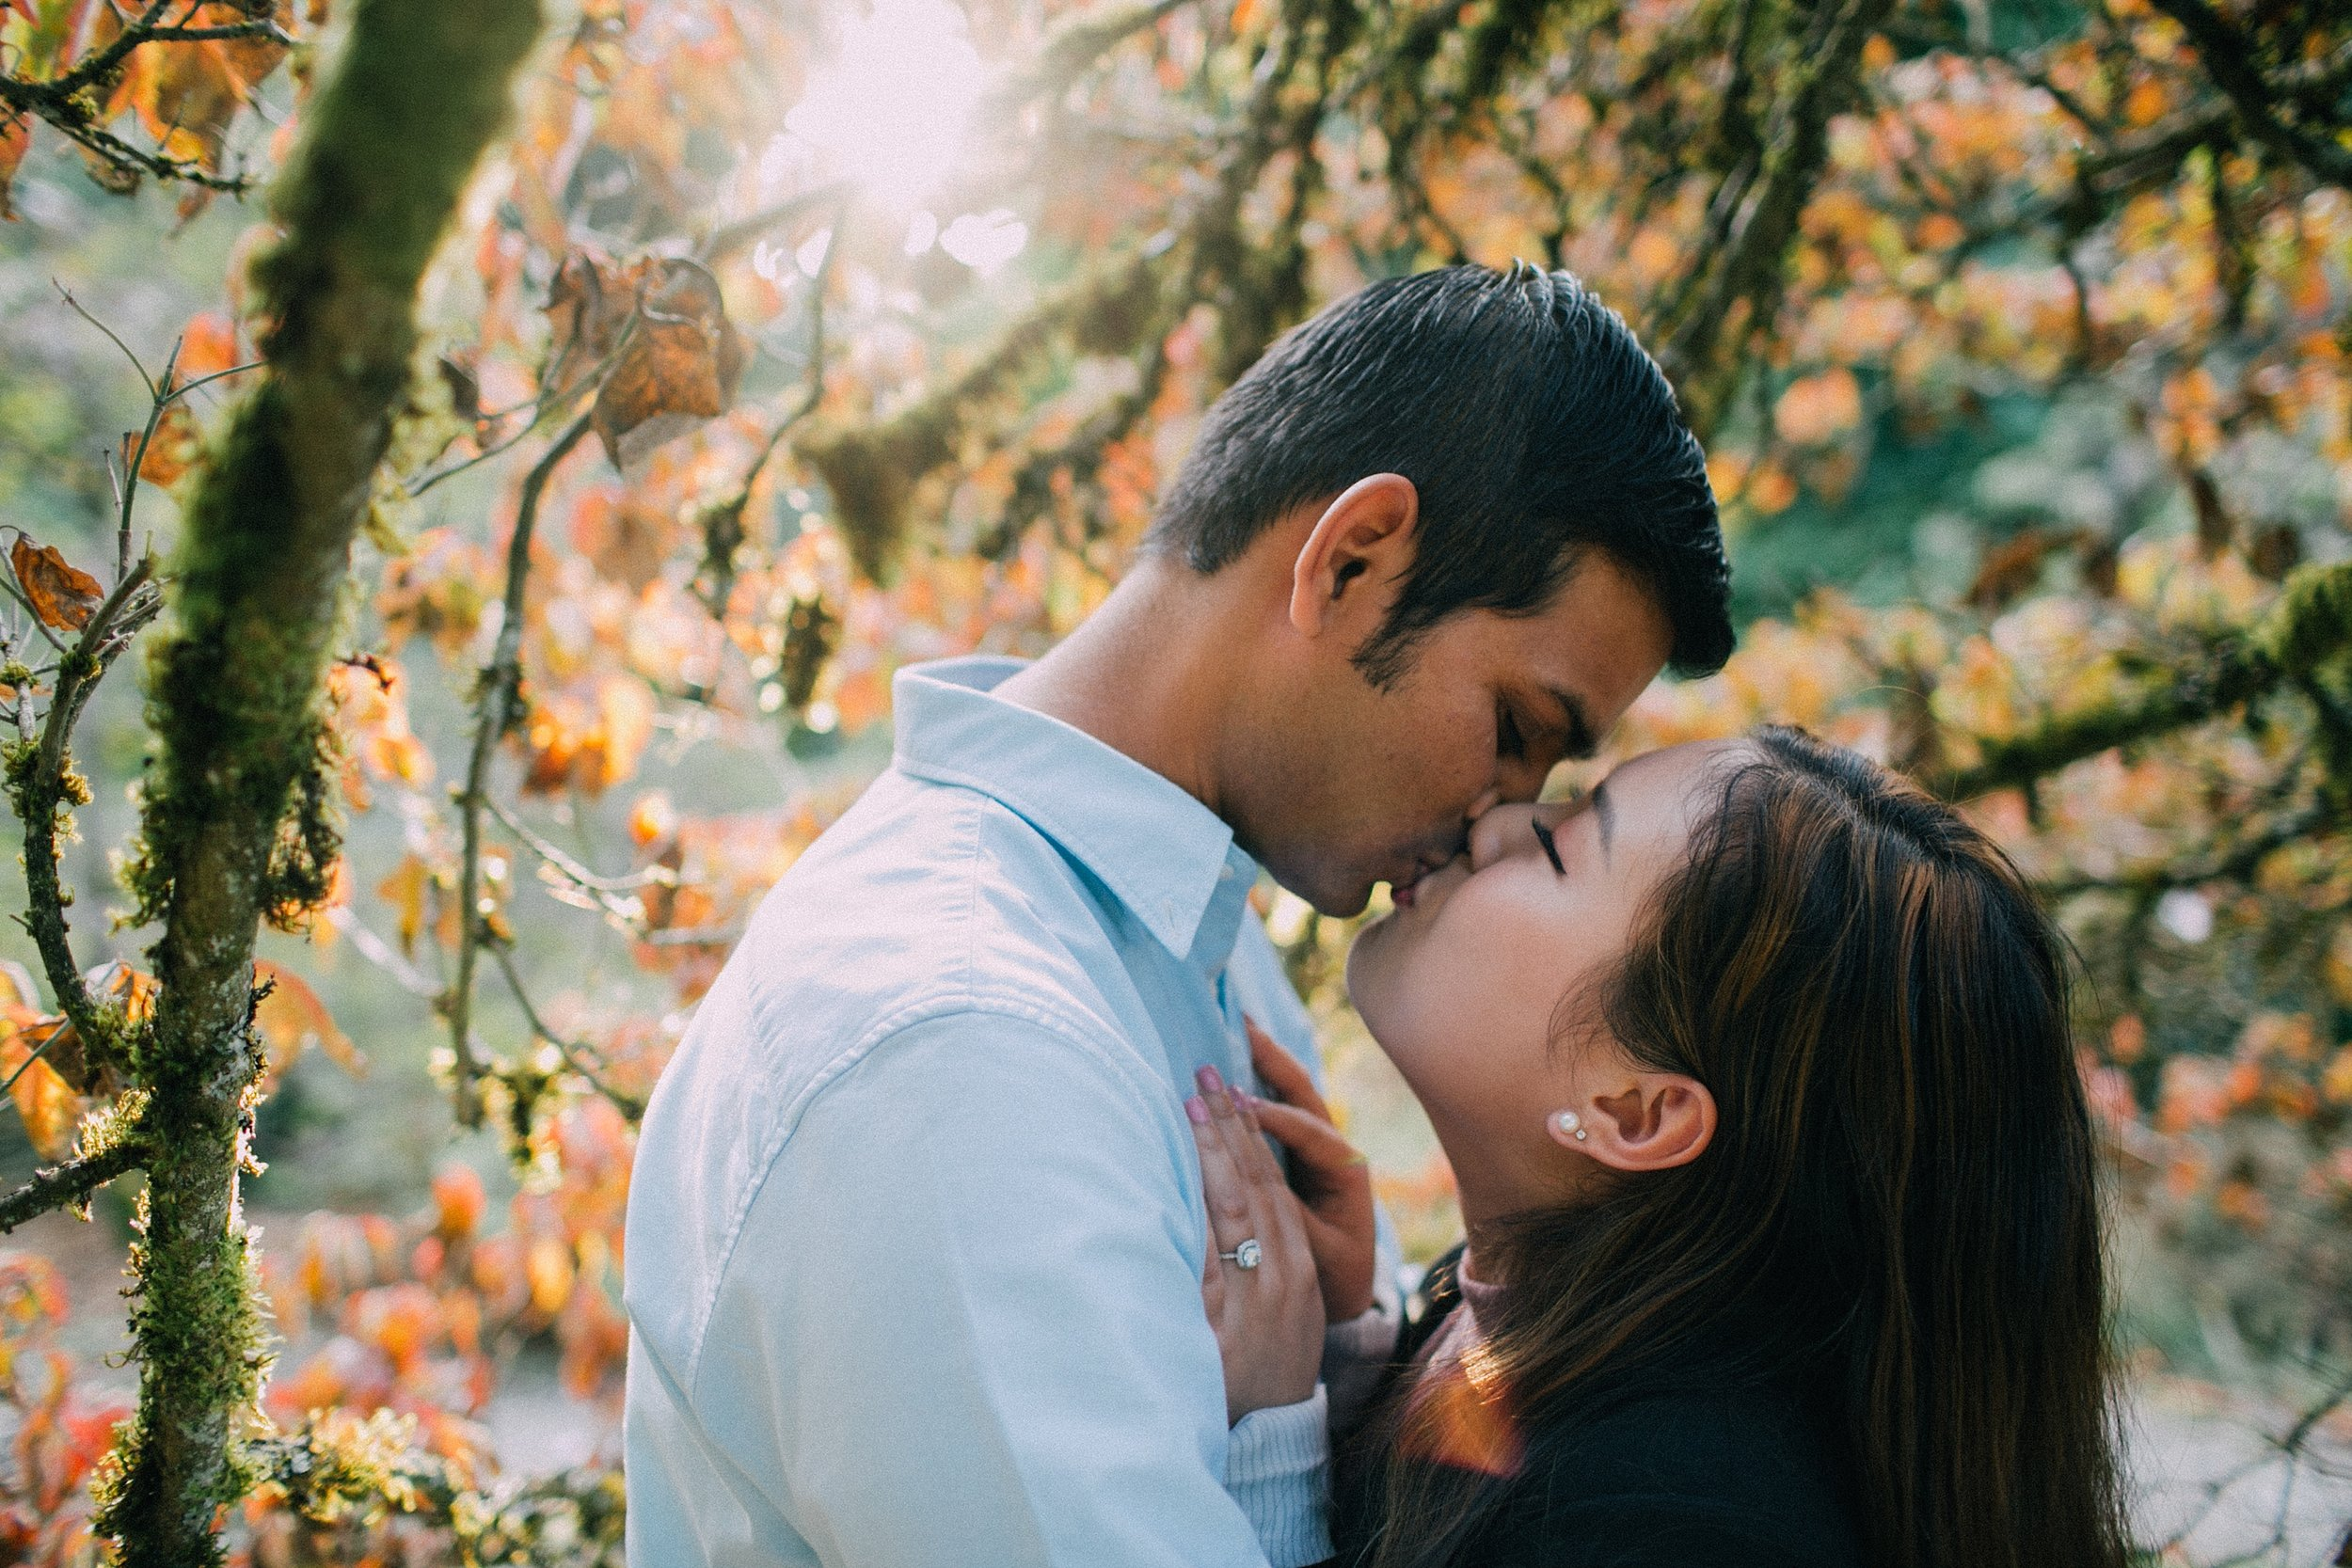 ashley vos Seattle UW Arboretum Engagement Photographer wedding photography -297.jpg